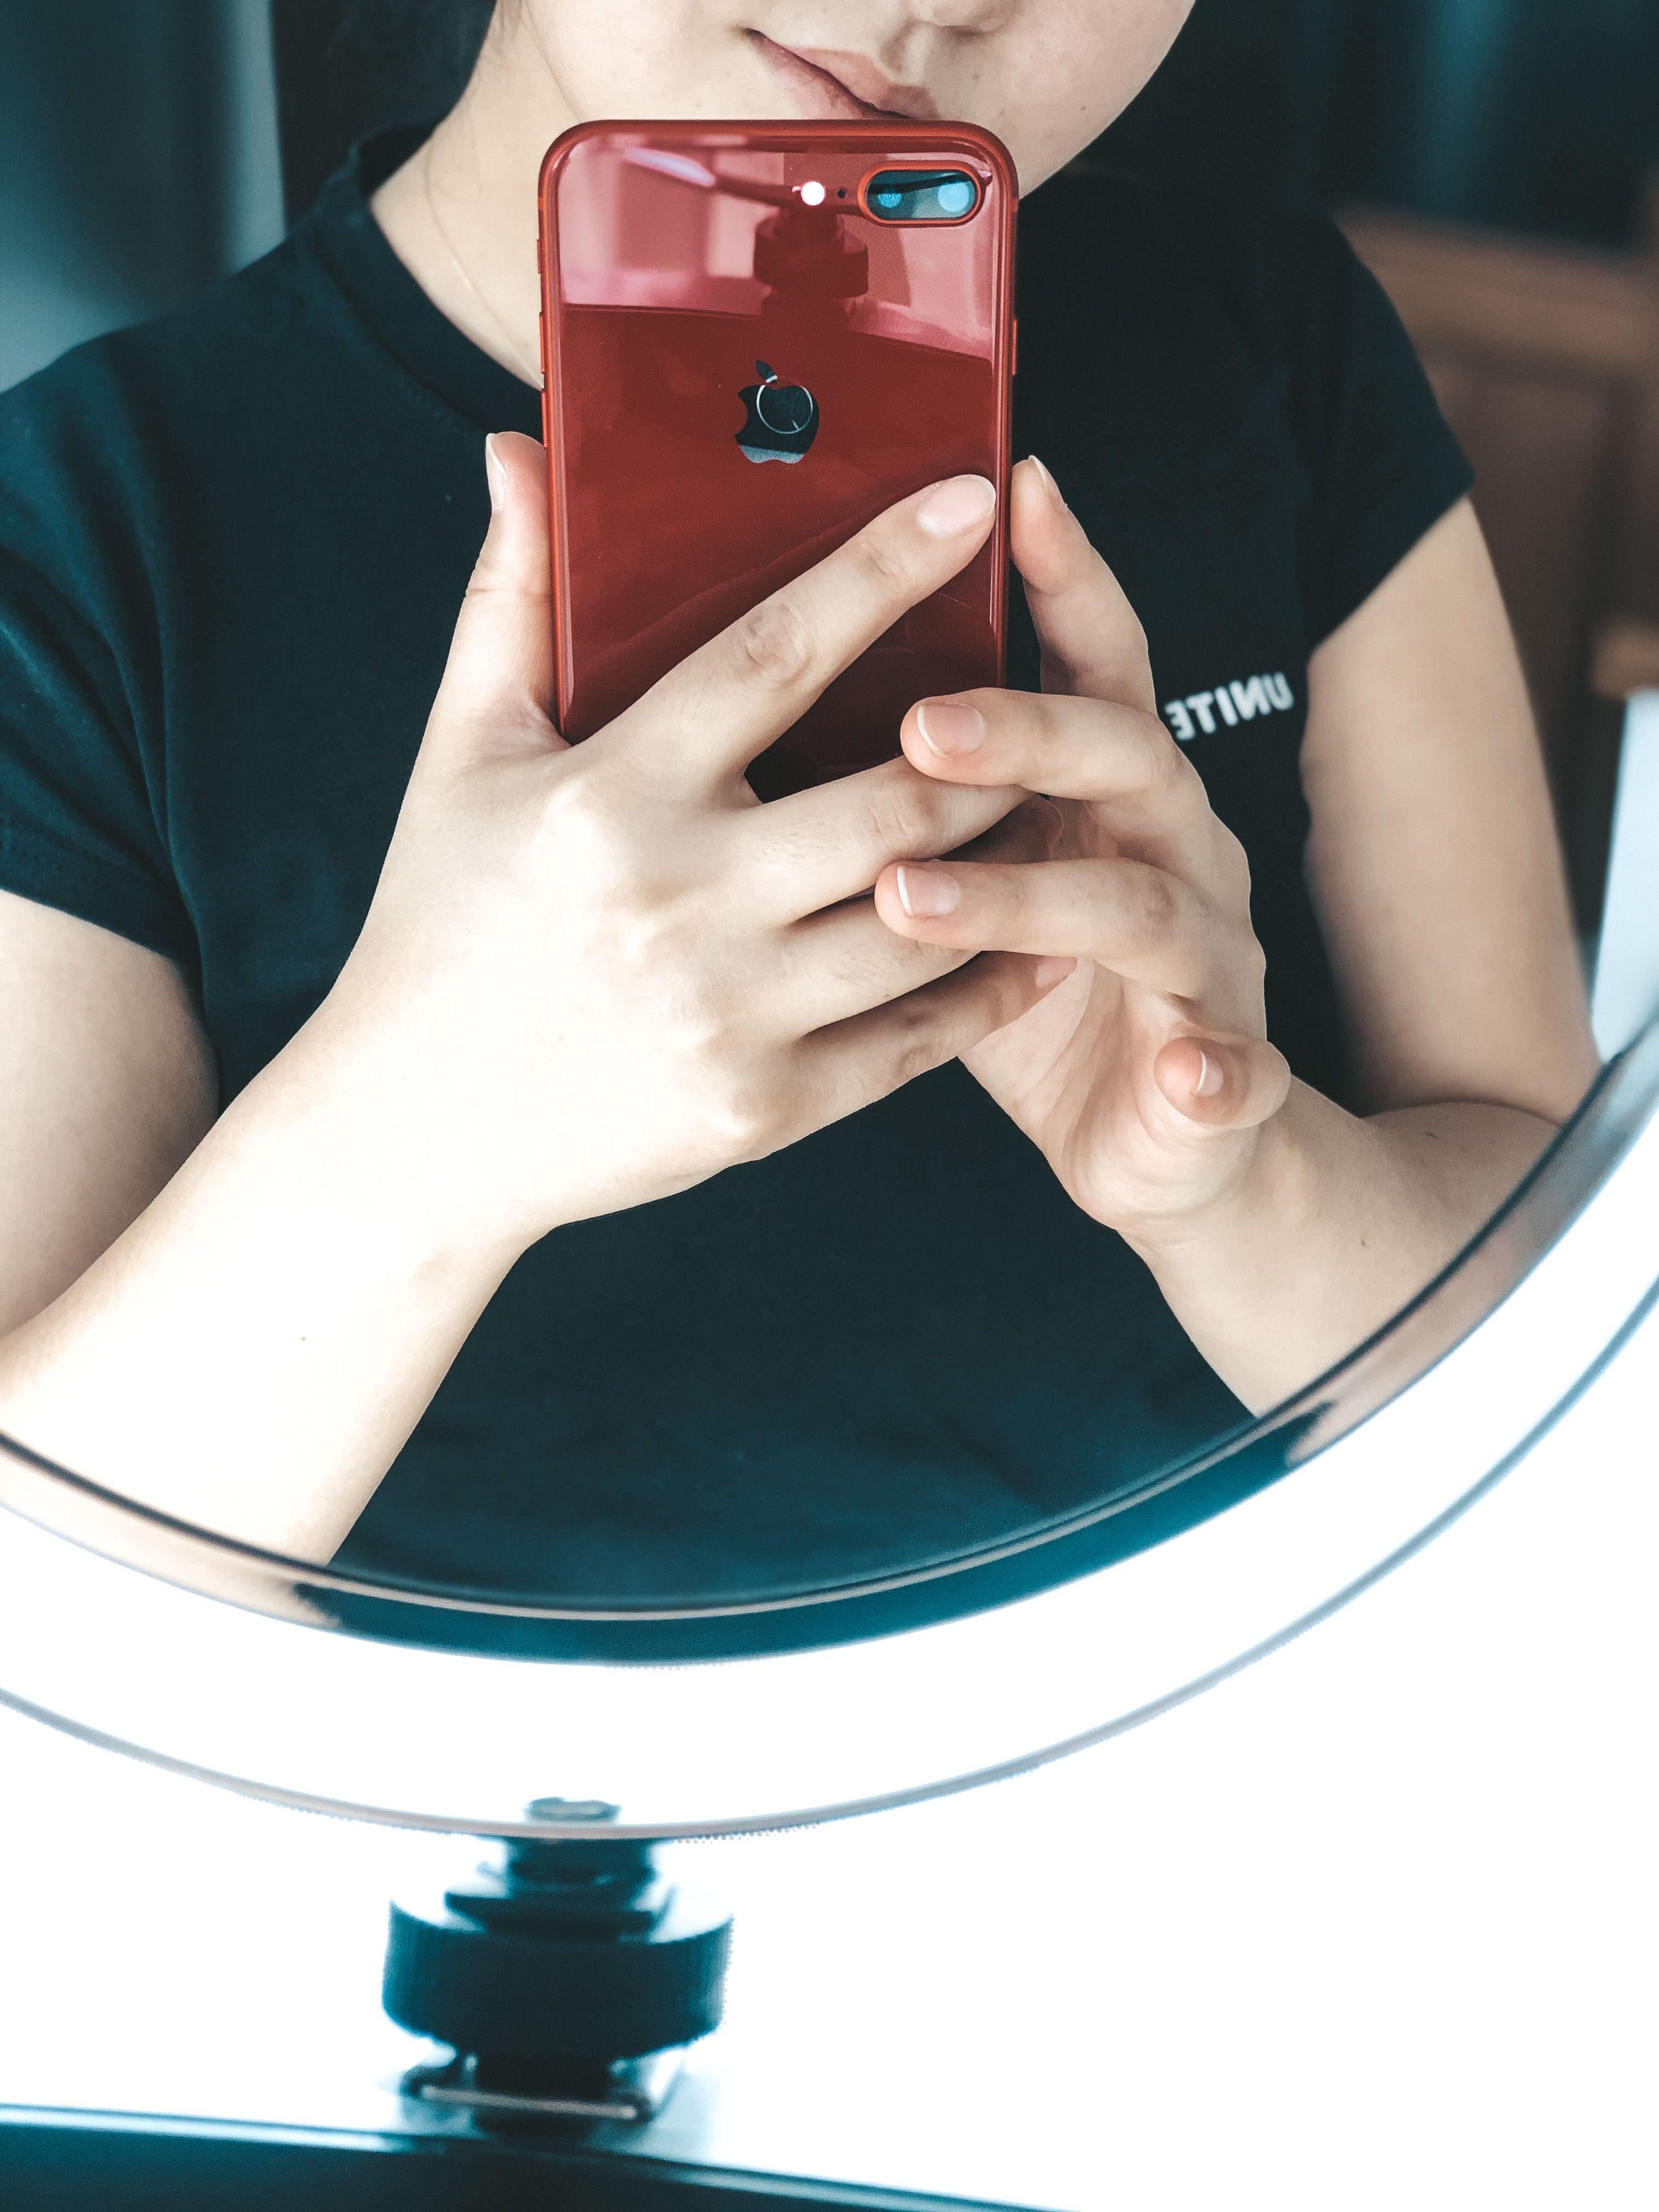 Обработка фото на Lightroom, фото у зеркала, идея для ...